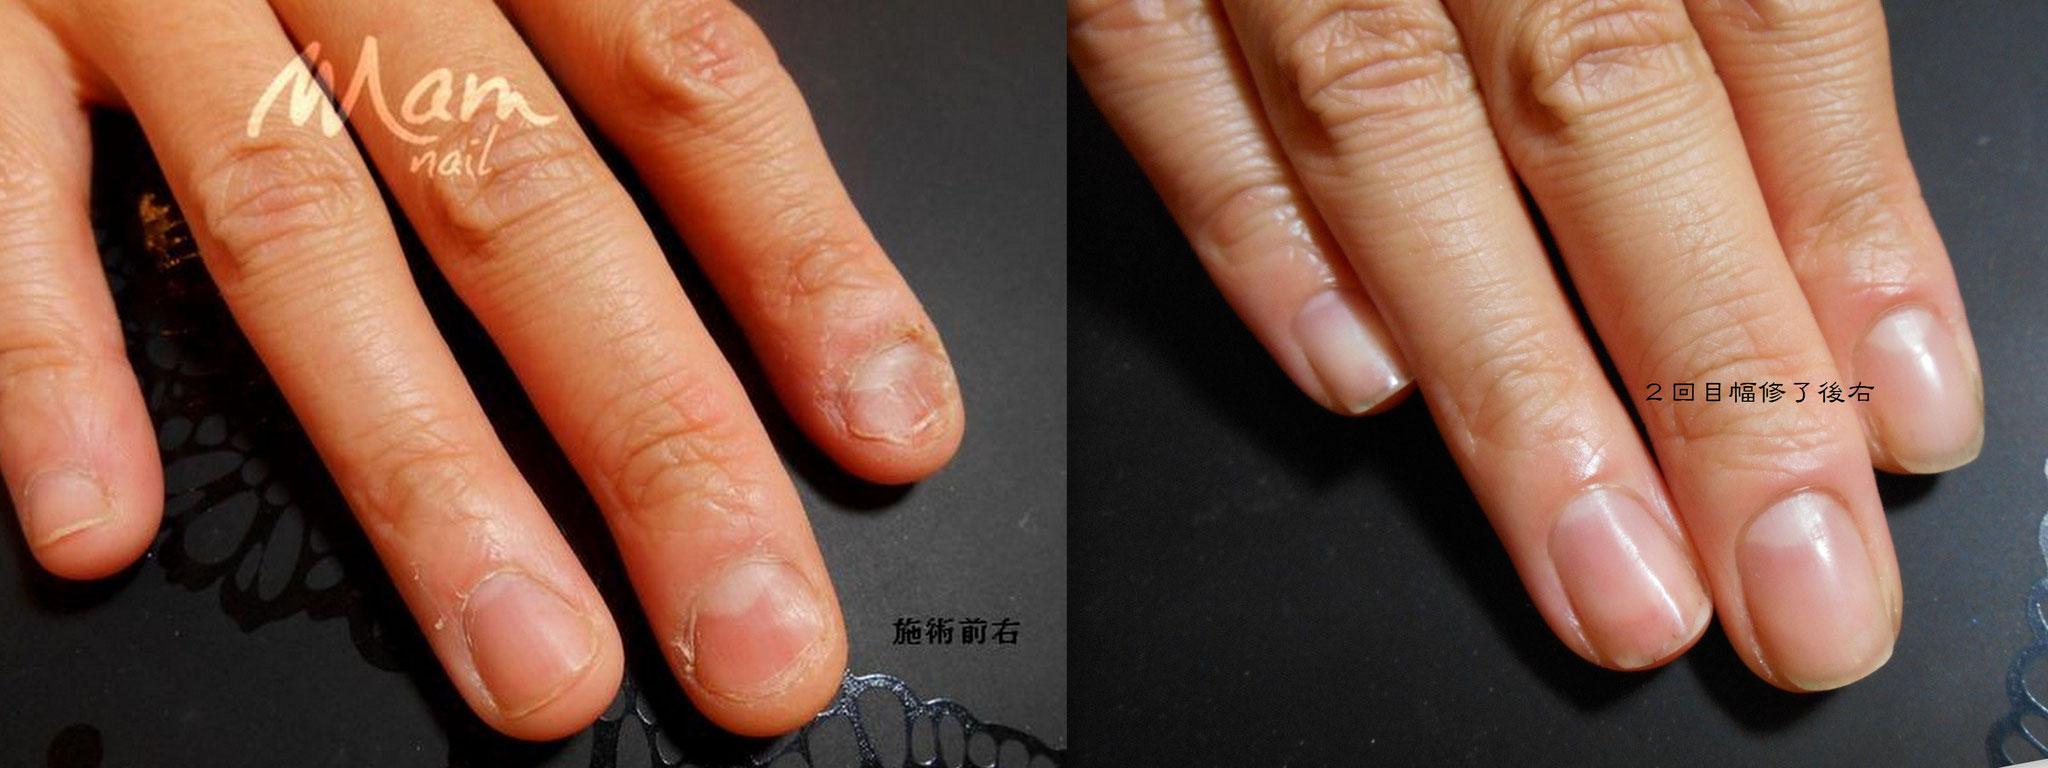 富士市深爪矯正/初回施術前→コース二回目の6回目施術・修了後